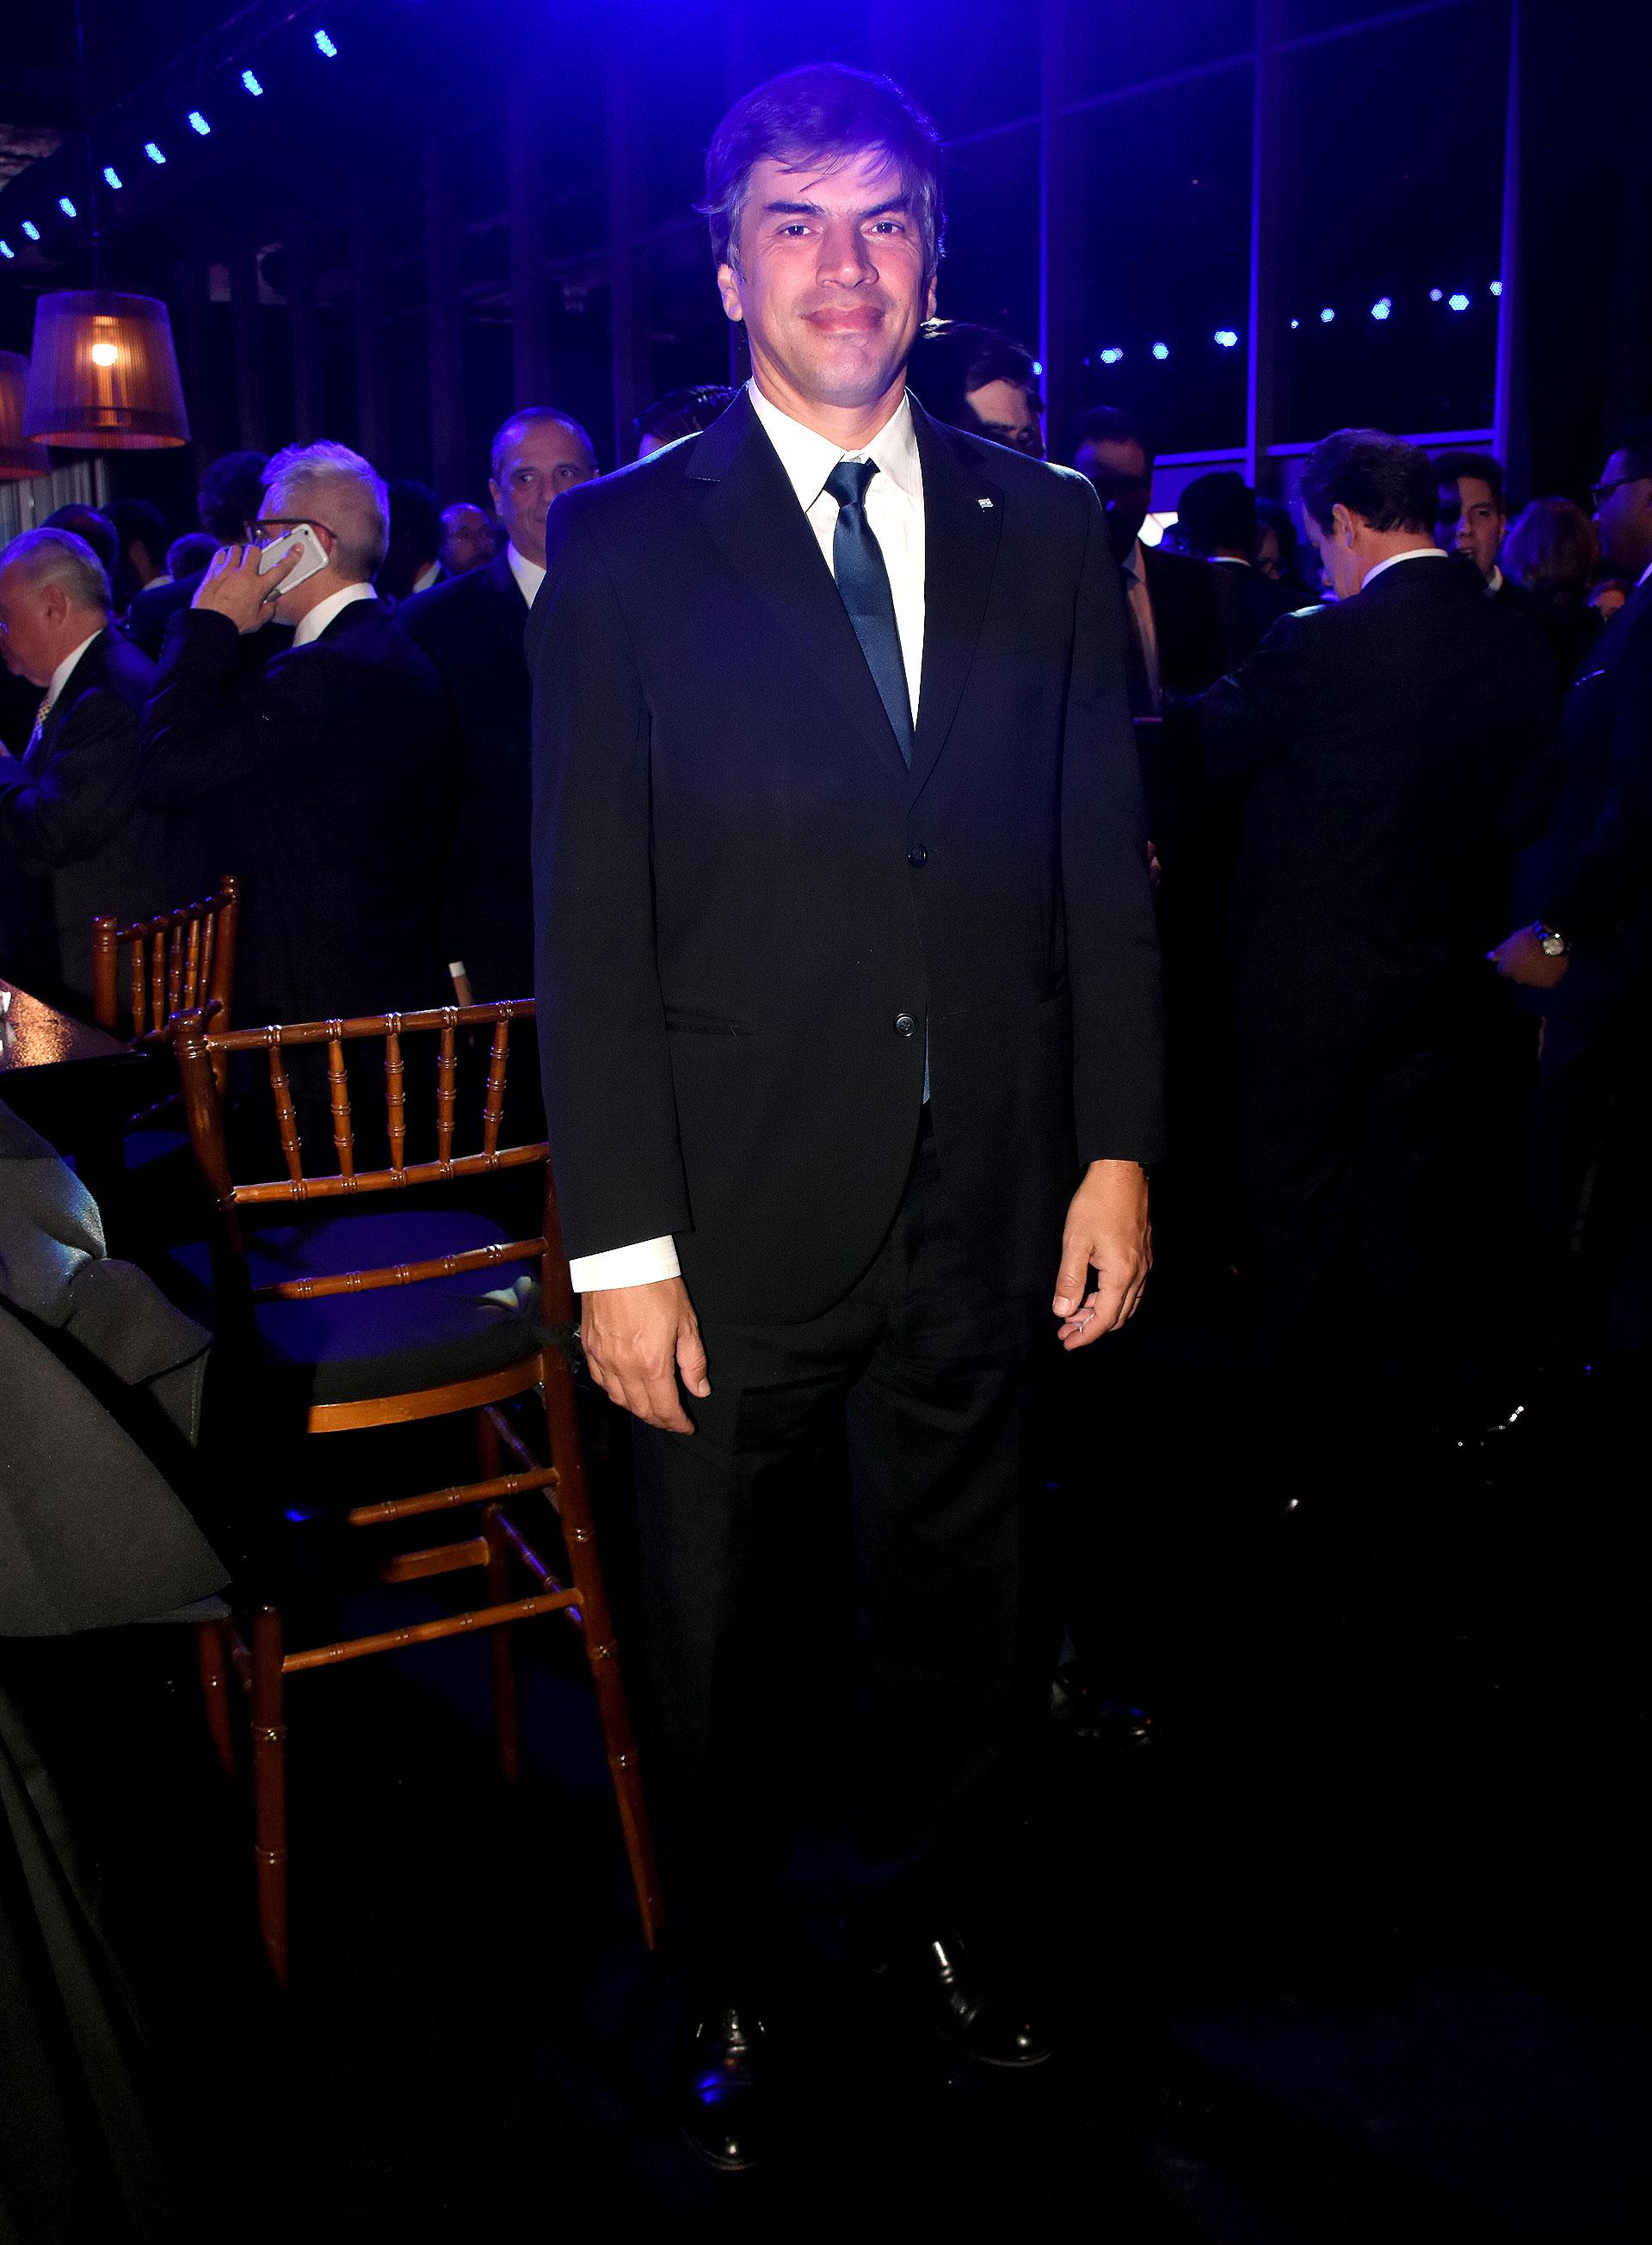 El secretario de Relaciones Económicas Internacionales, Horacio Reyser